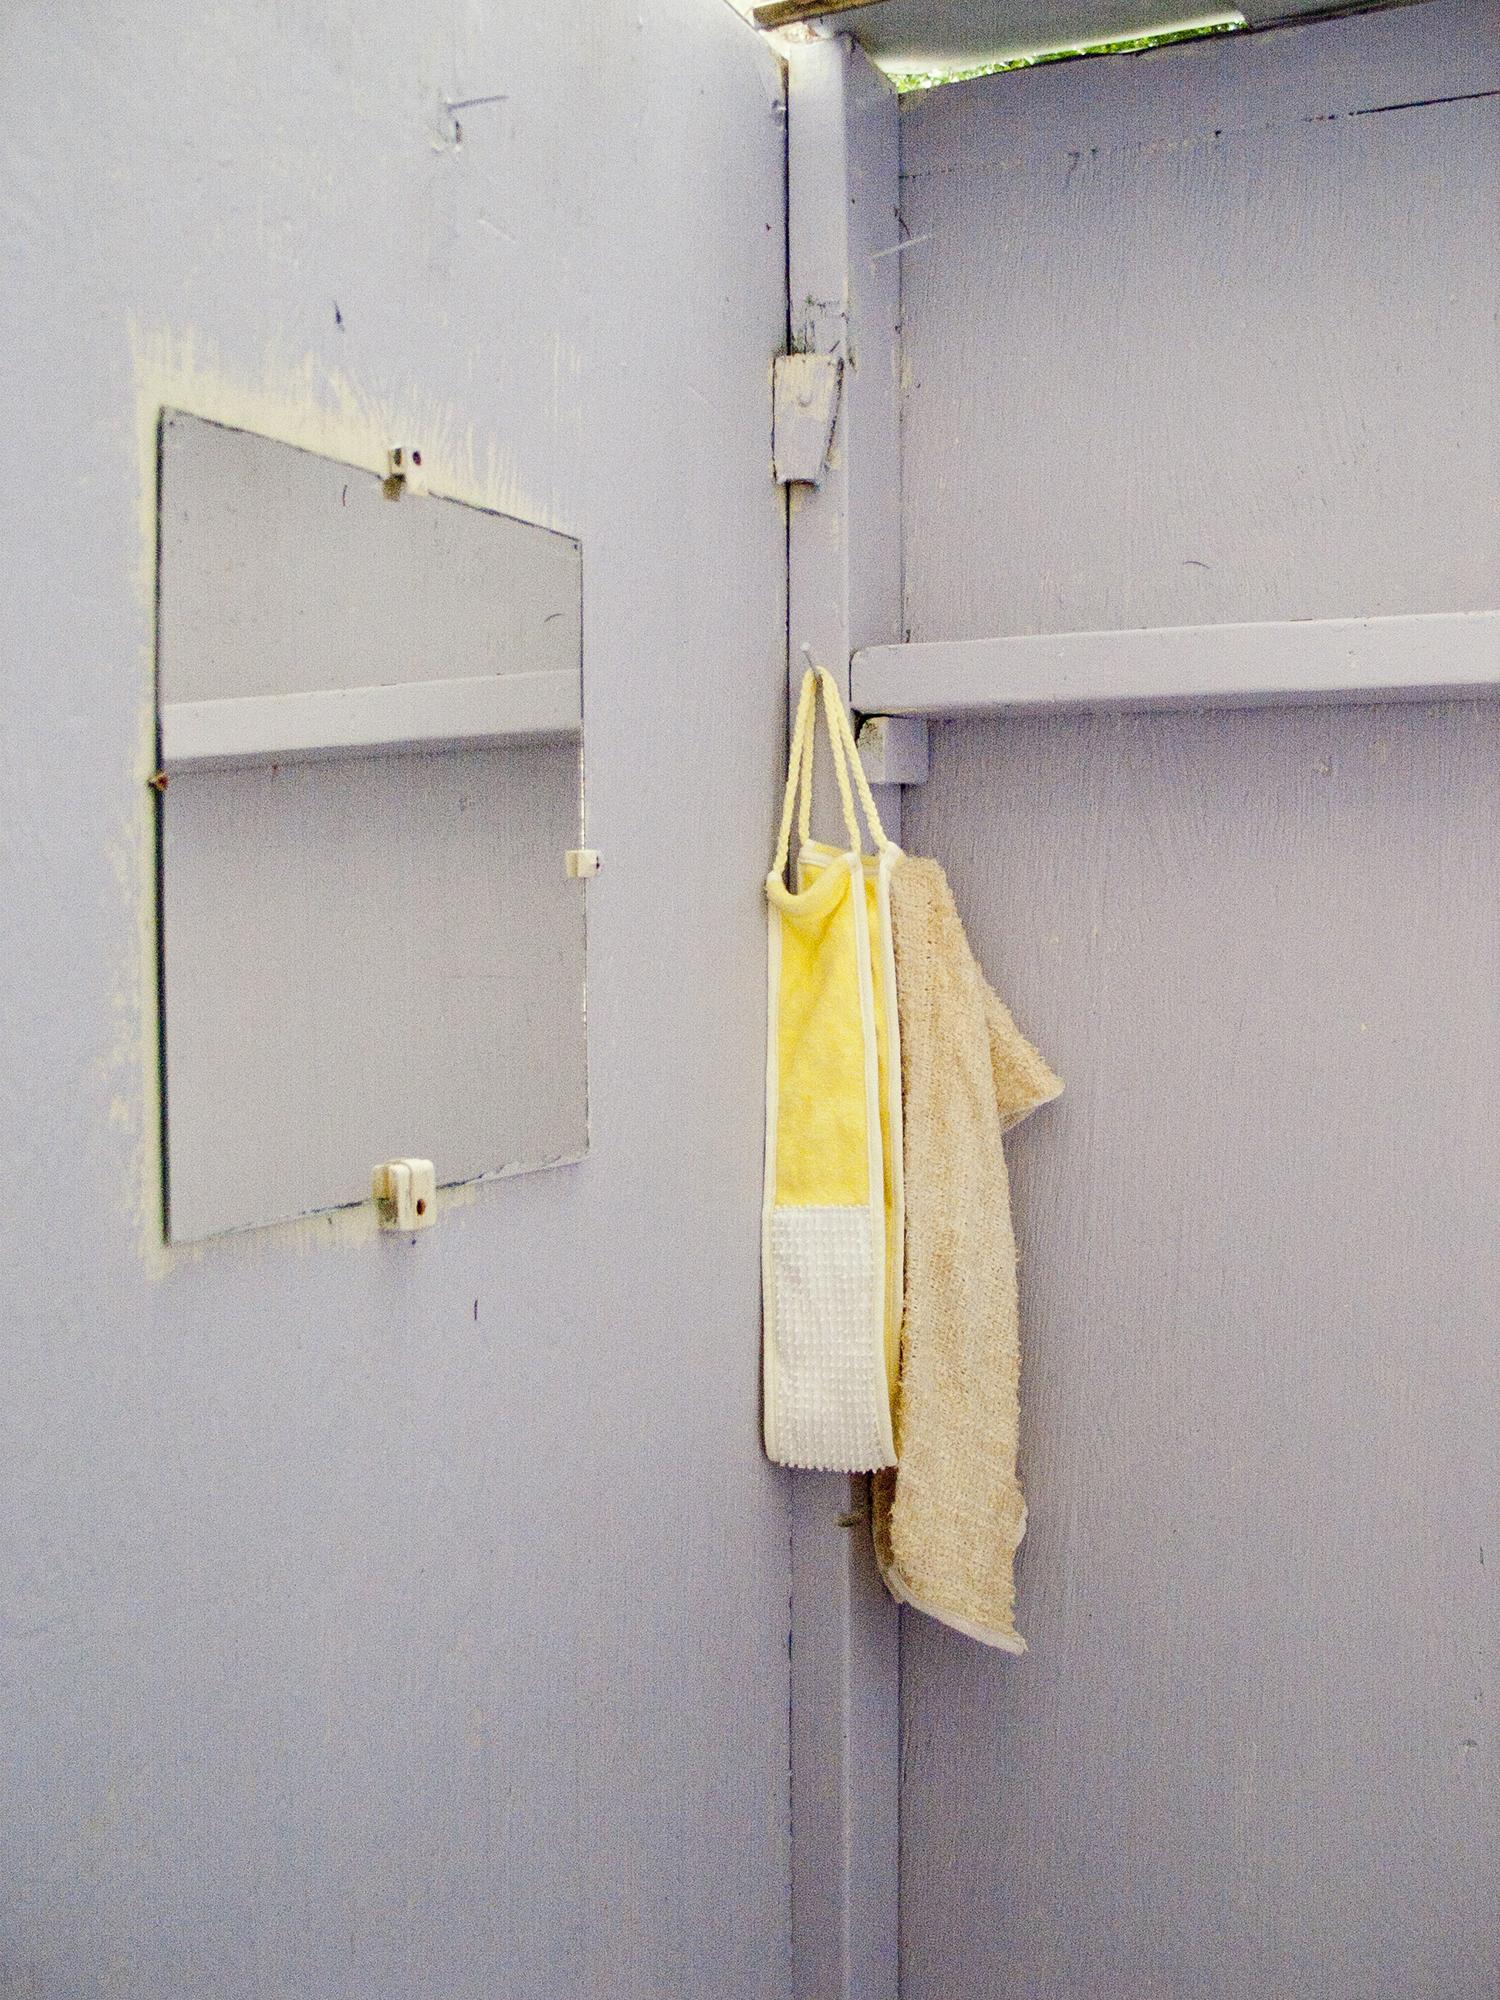 Shower_yellowtowel.jpg